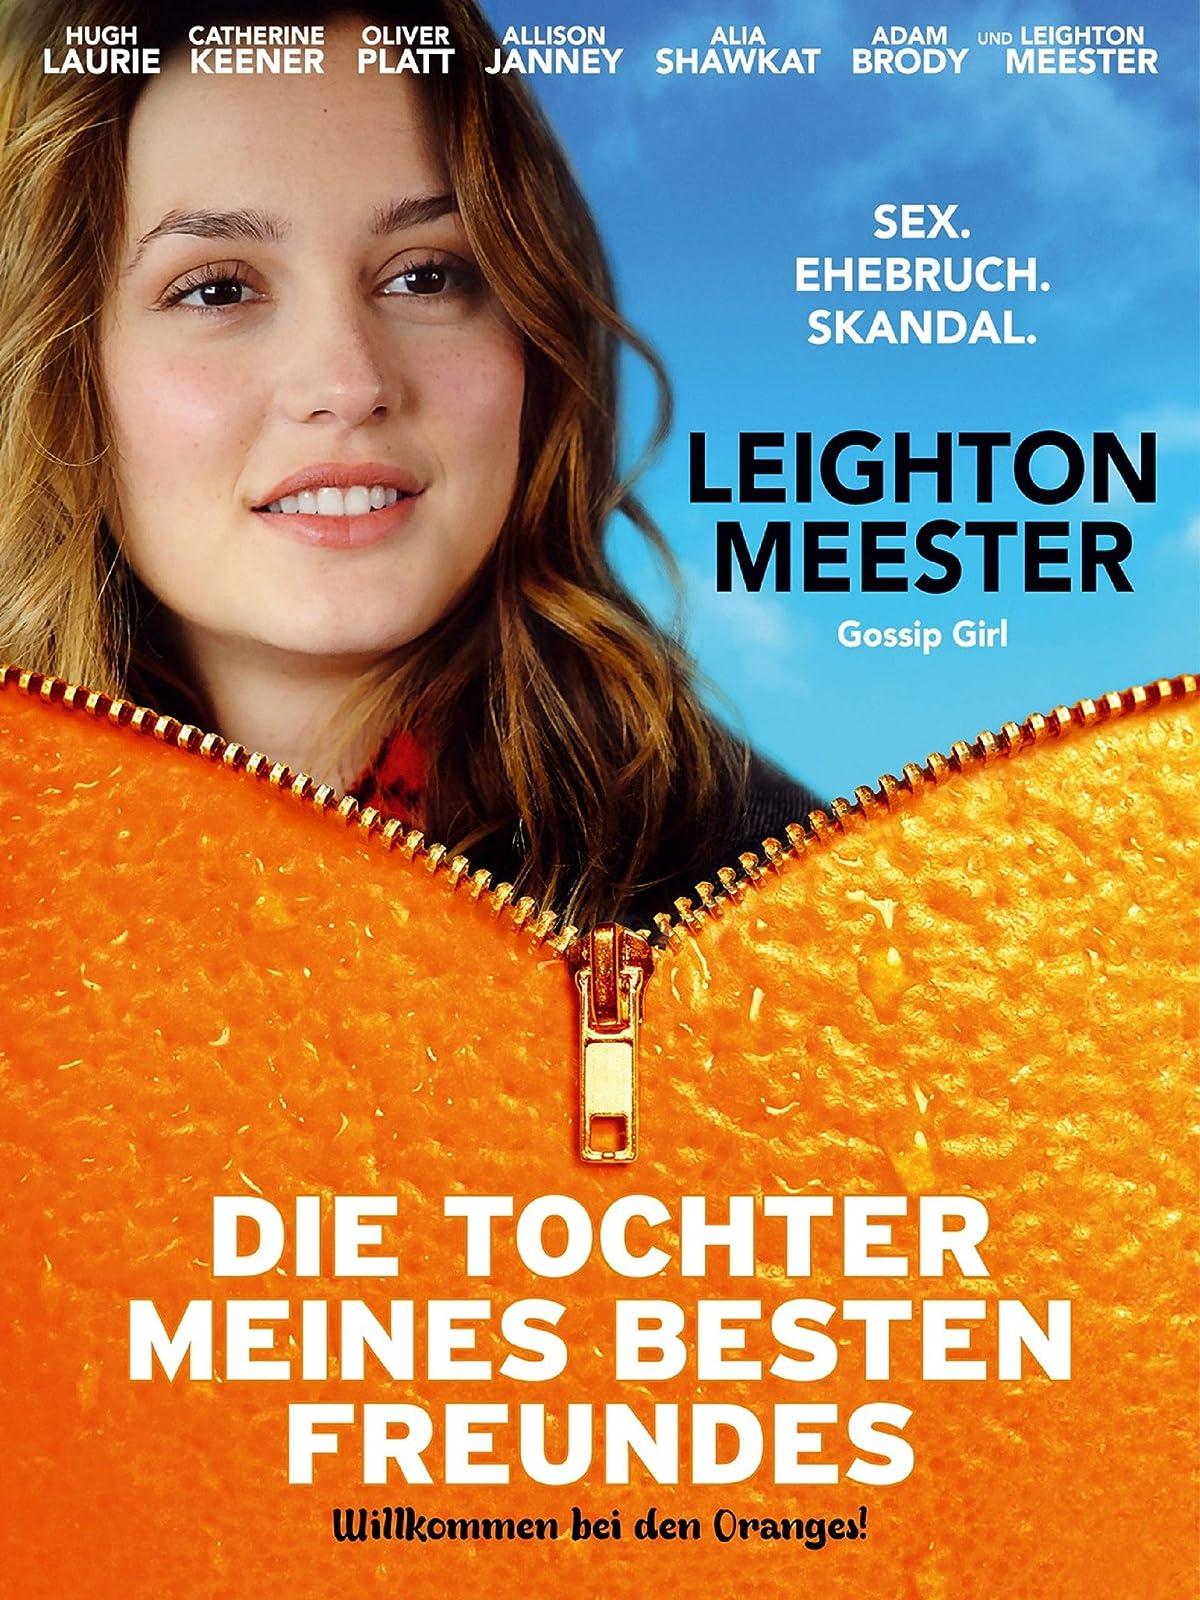 Deutsch der besten freundin ganzer vater meiner film Der Vater